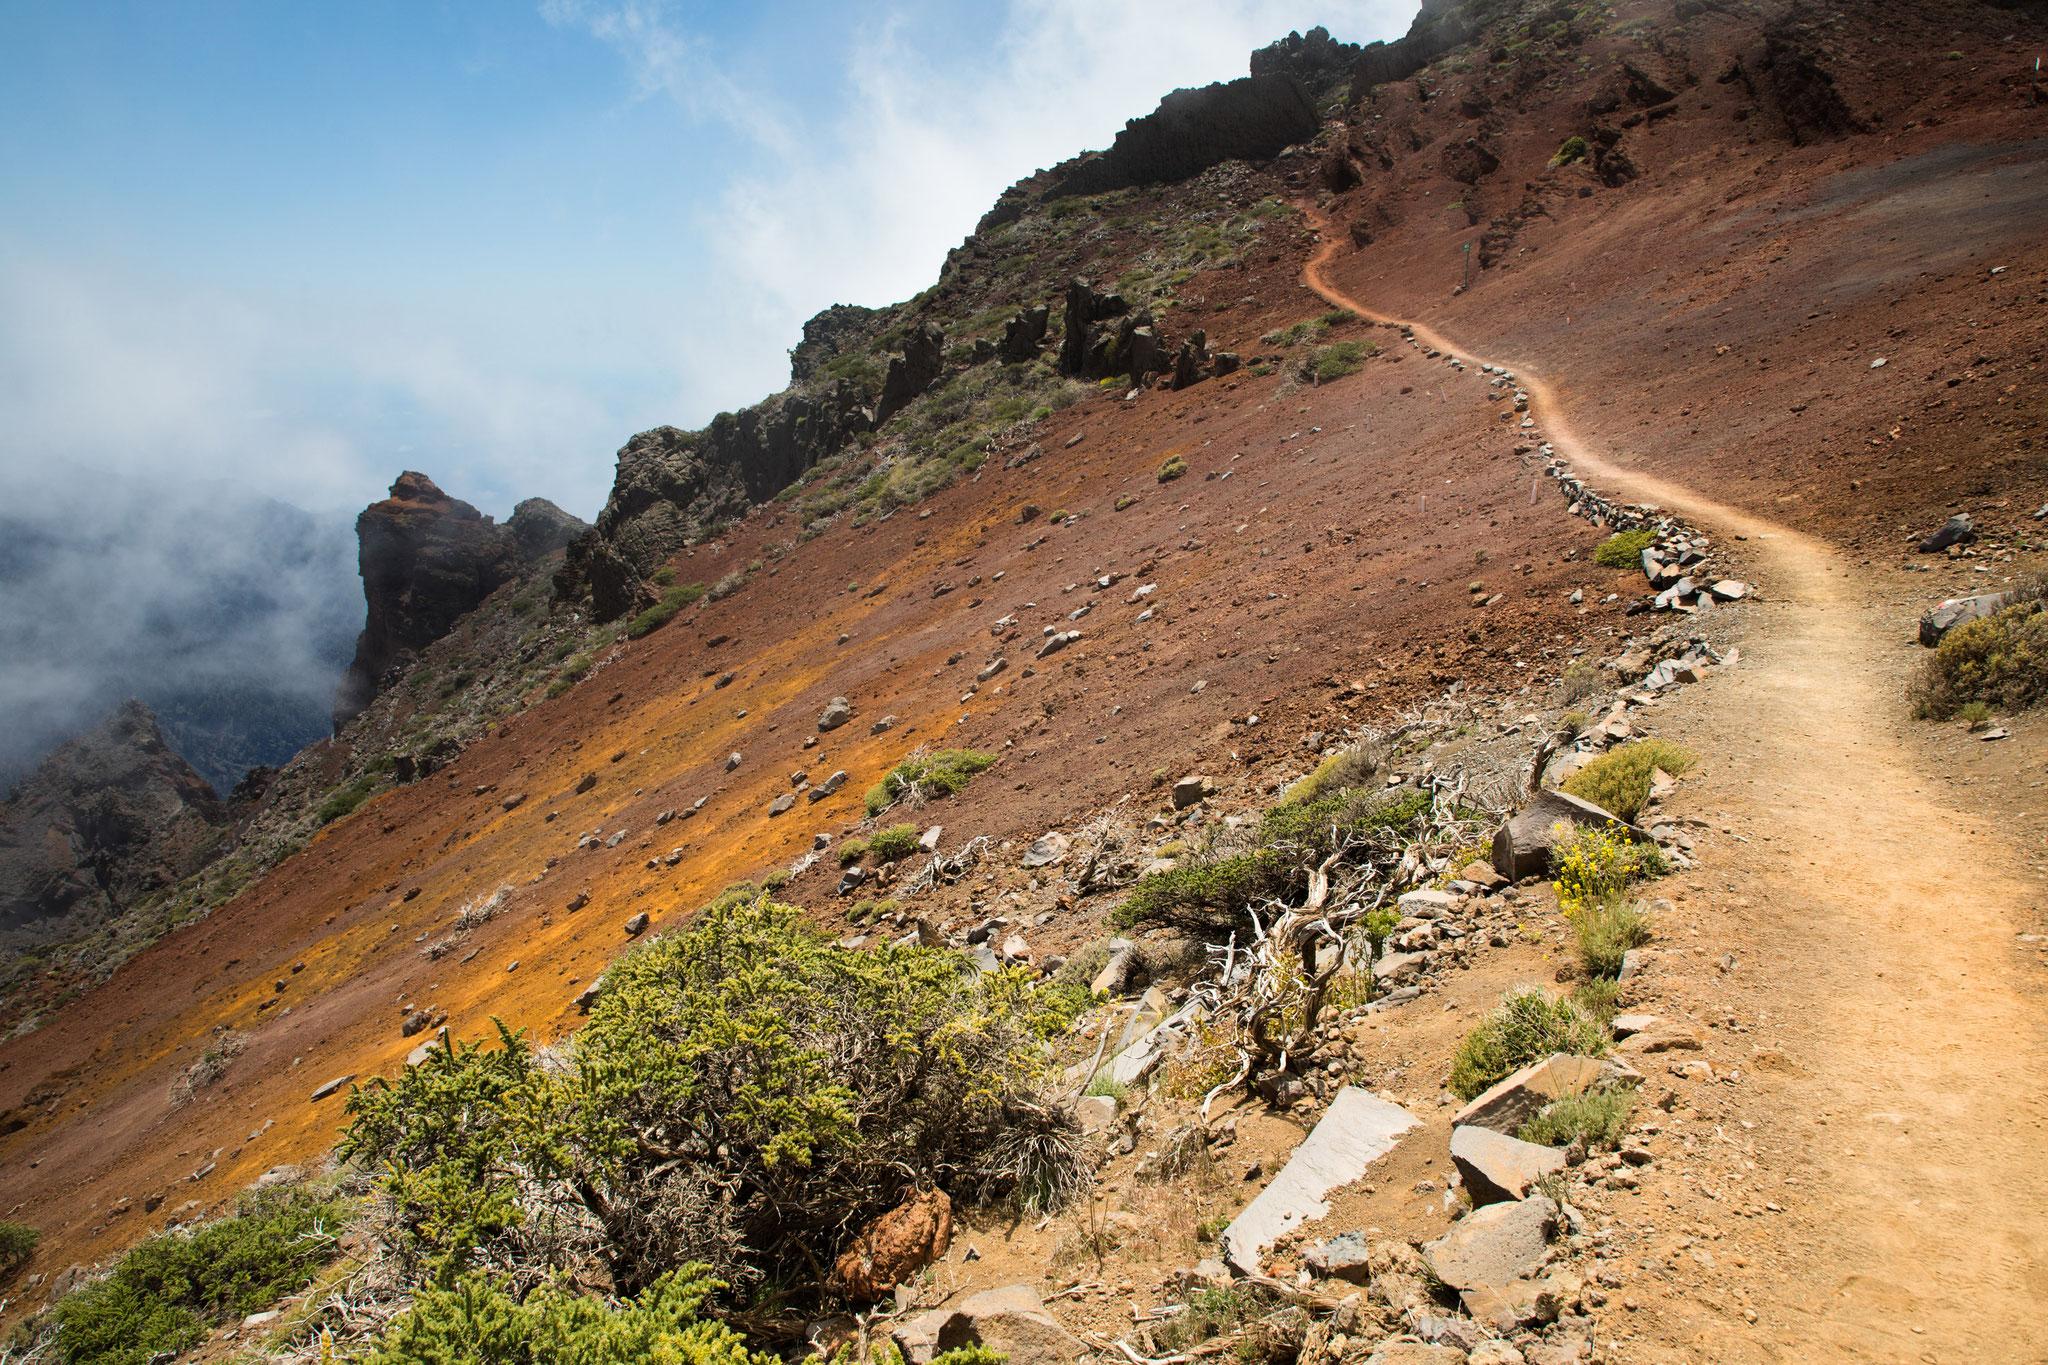 Wanderung am Kraterrand - Pared de Roberto